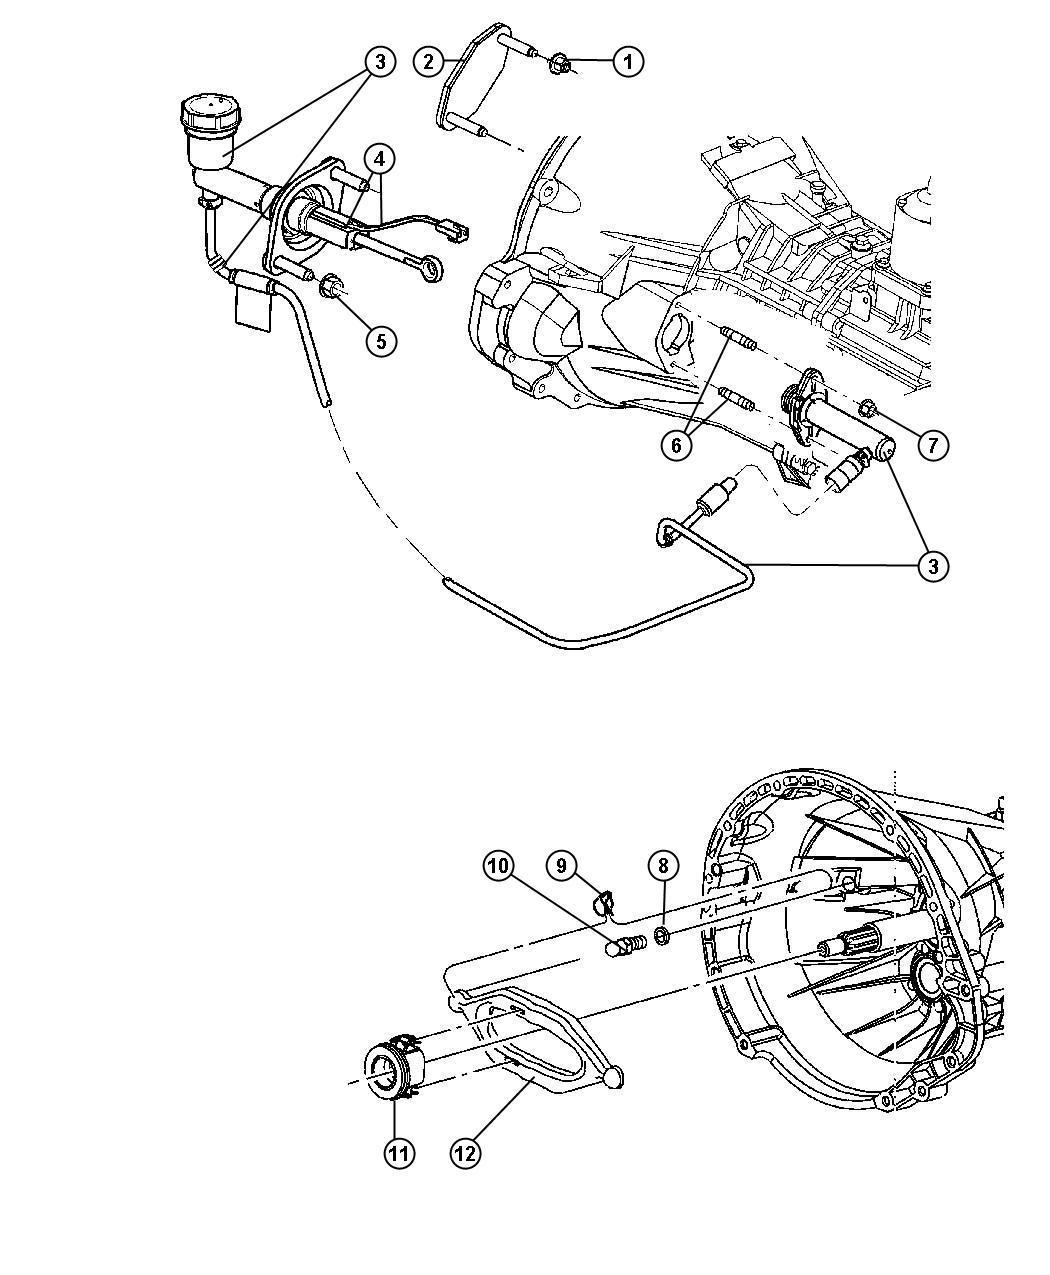 RAM 3500 Hydraulic assembly. Clutch master cylinder